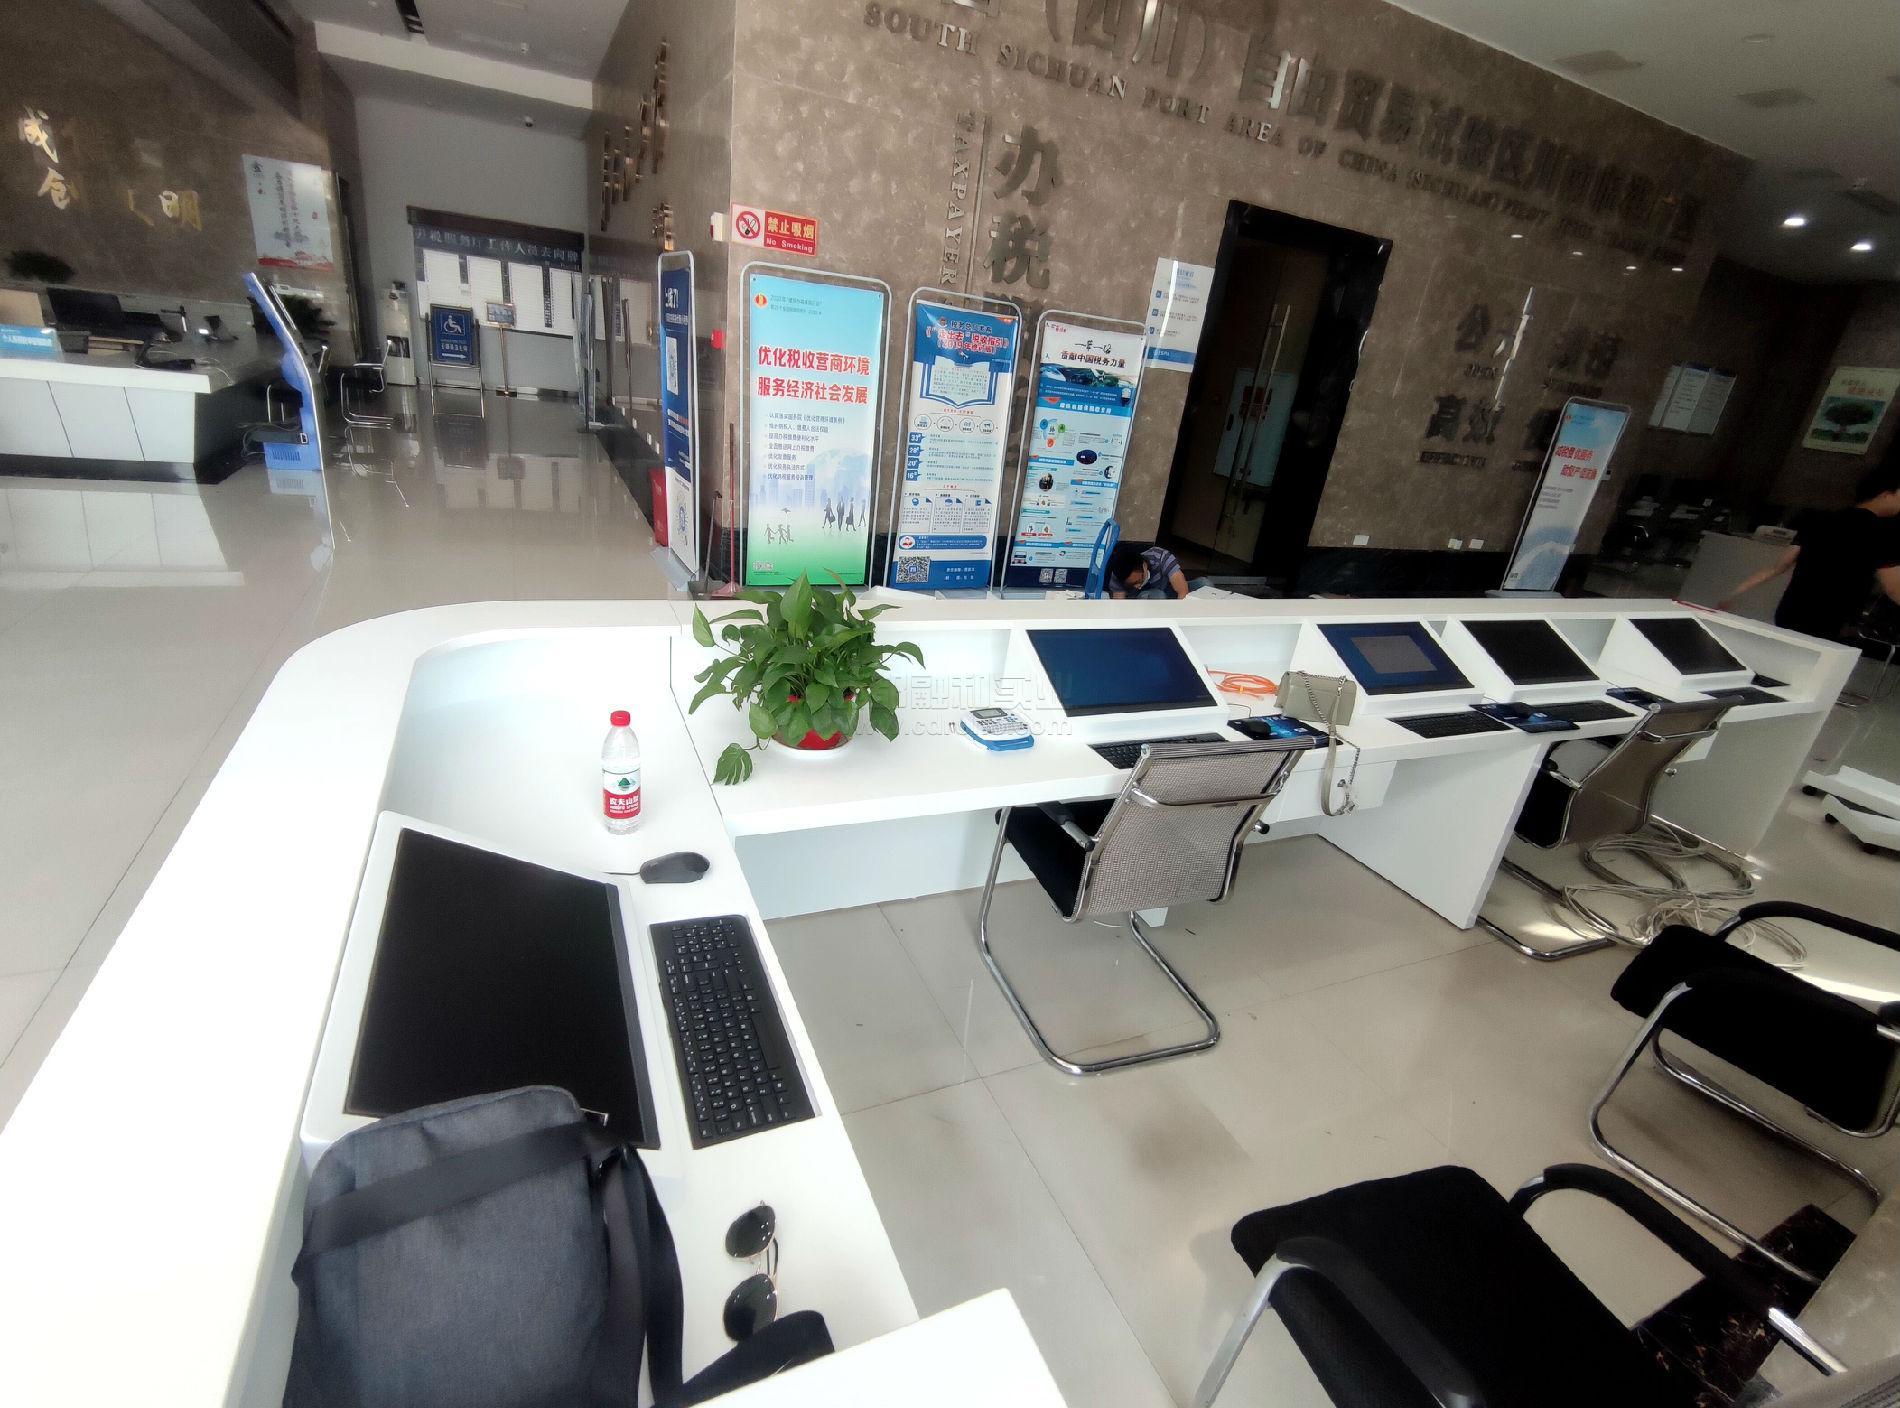 >泸州市龙马潭智慧税务局填单系统安装配置(